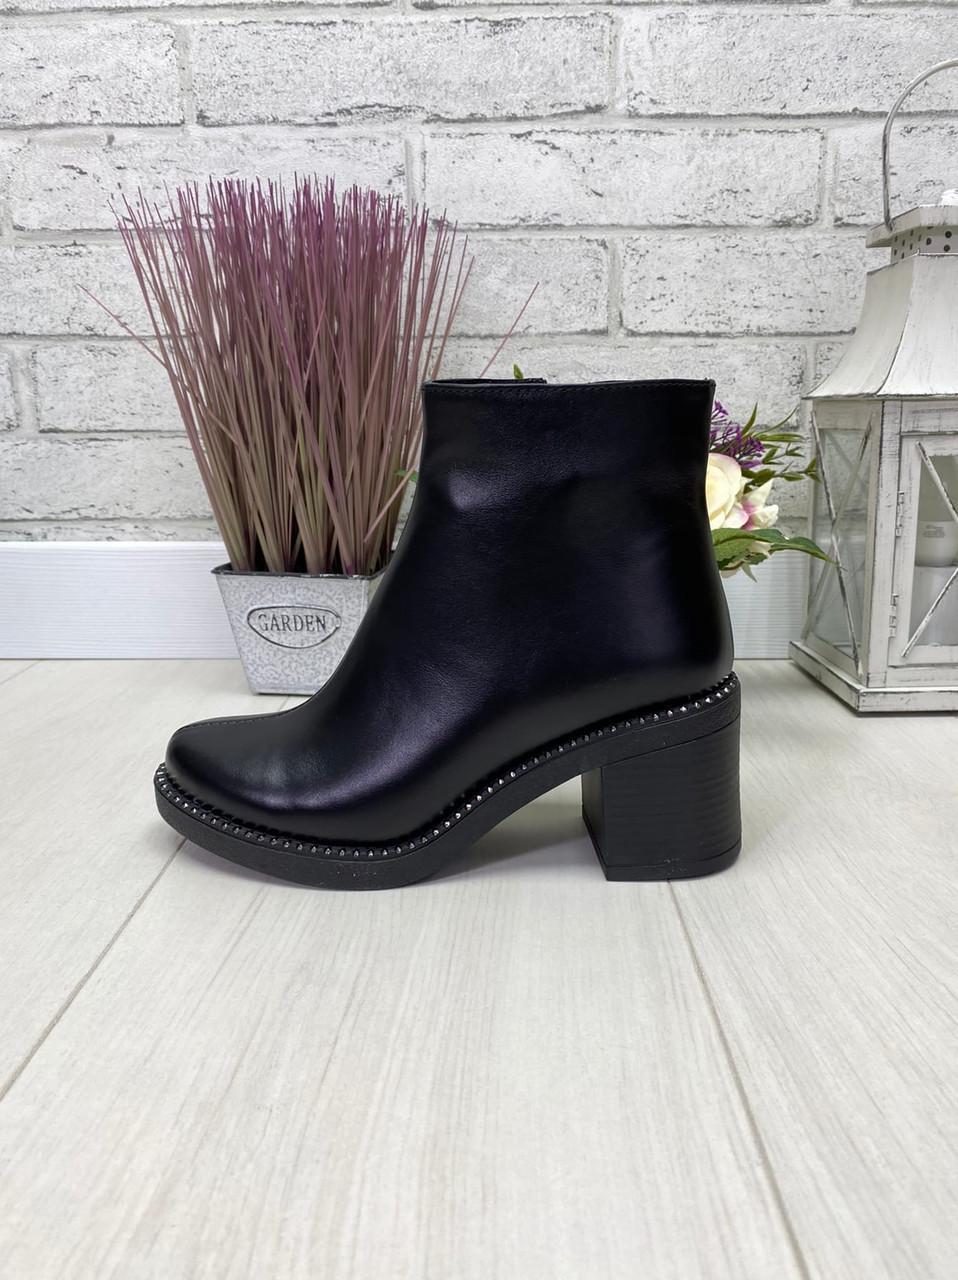 40 р. Ботинки женские деми черные кожаные на среднем каблуке, демисезонные, из натуральной кожи, кожа